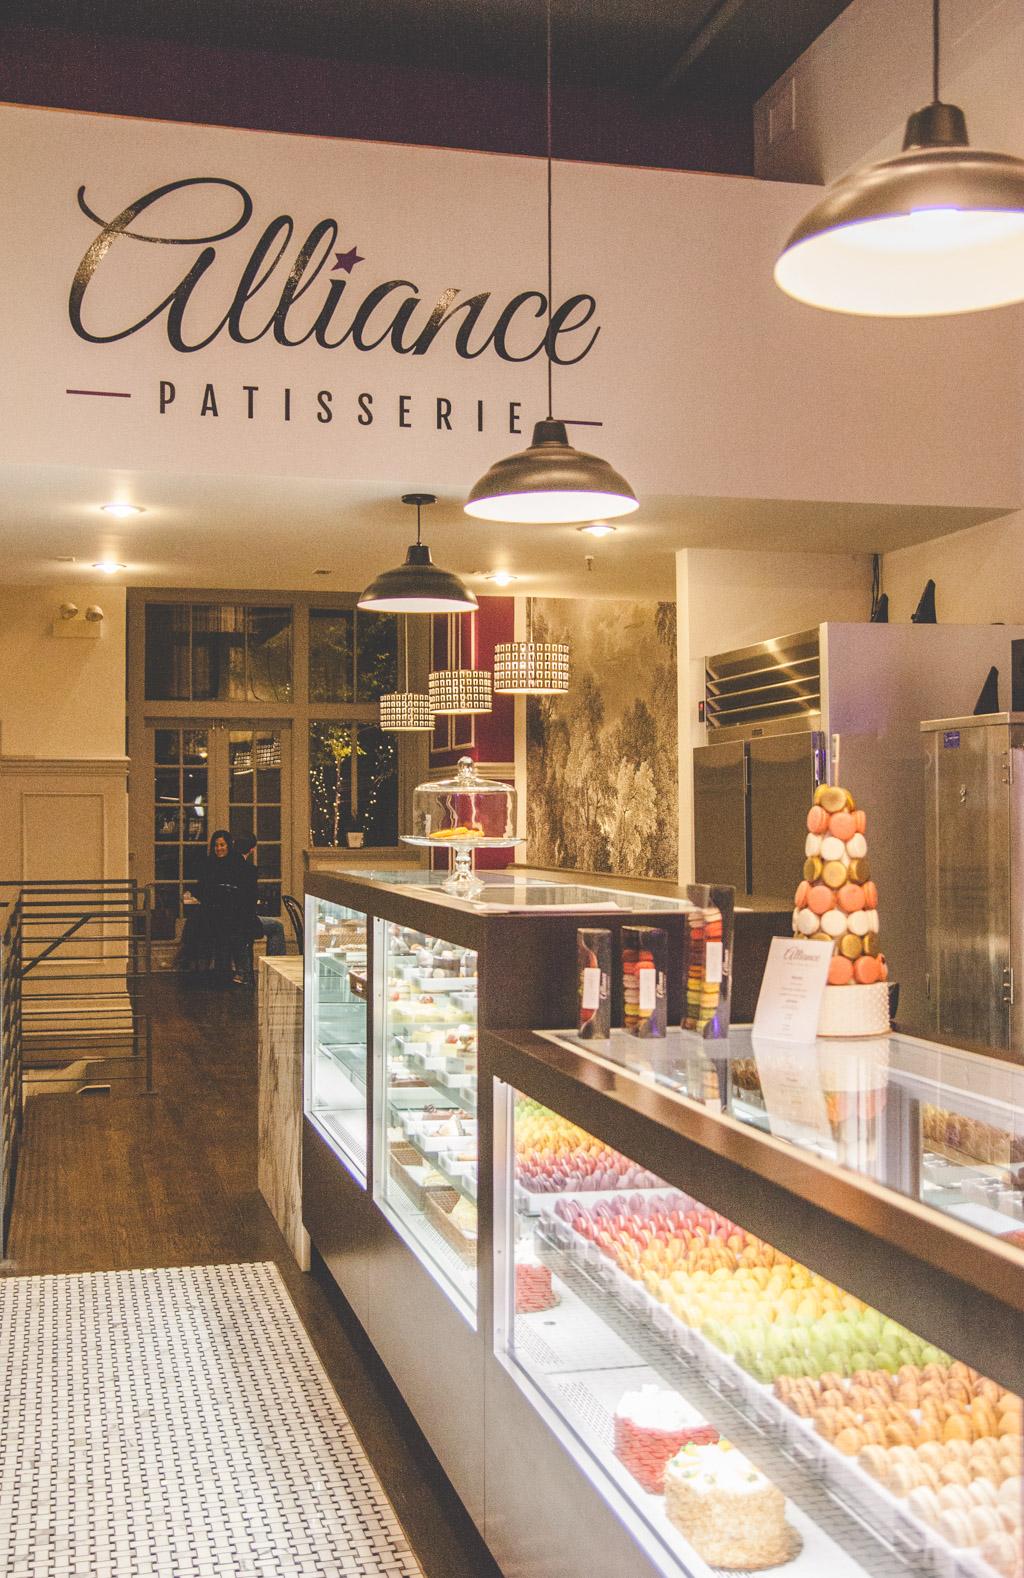 Alliance Patisserie, Chicago